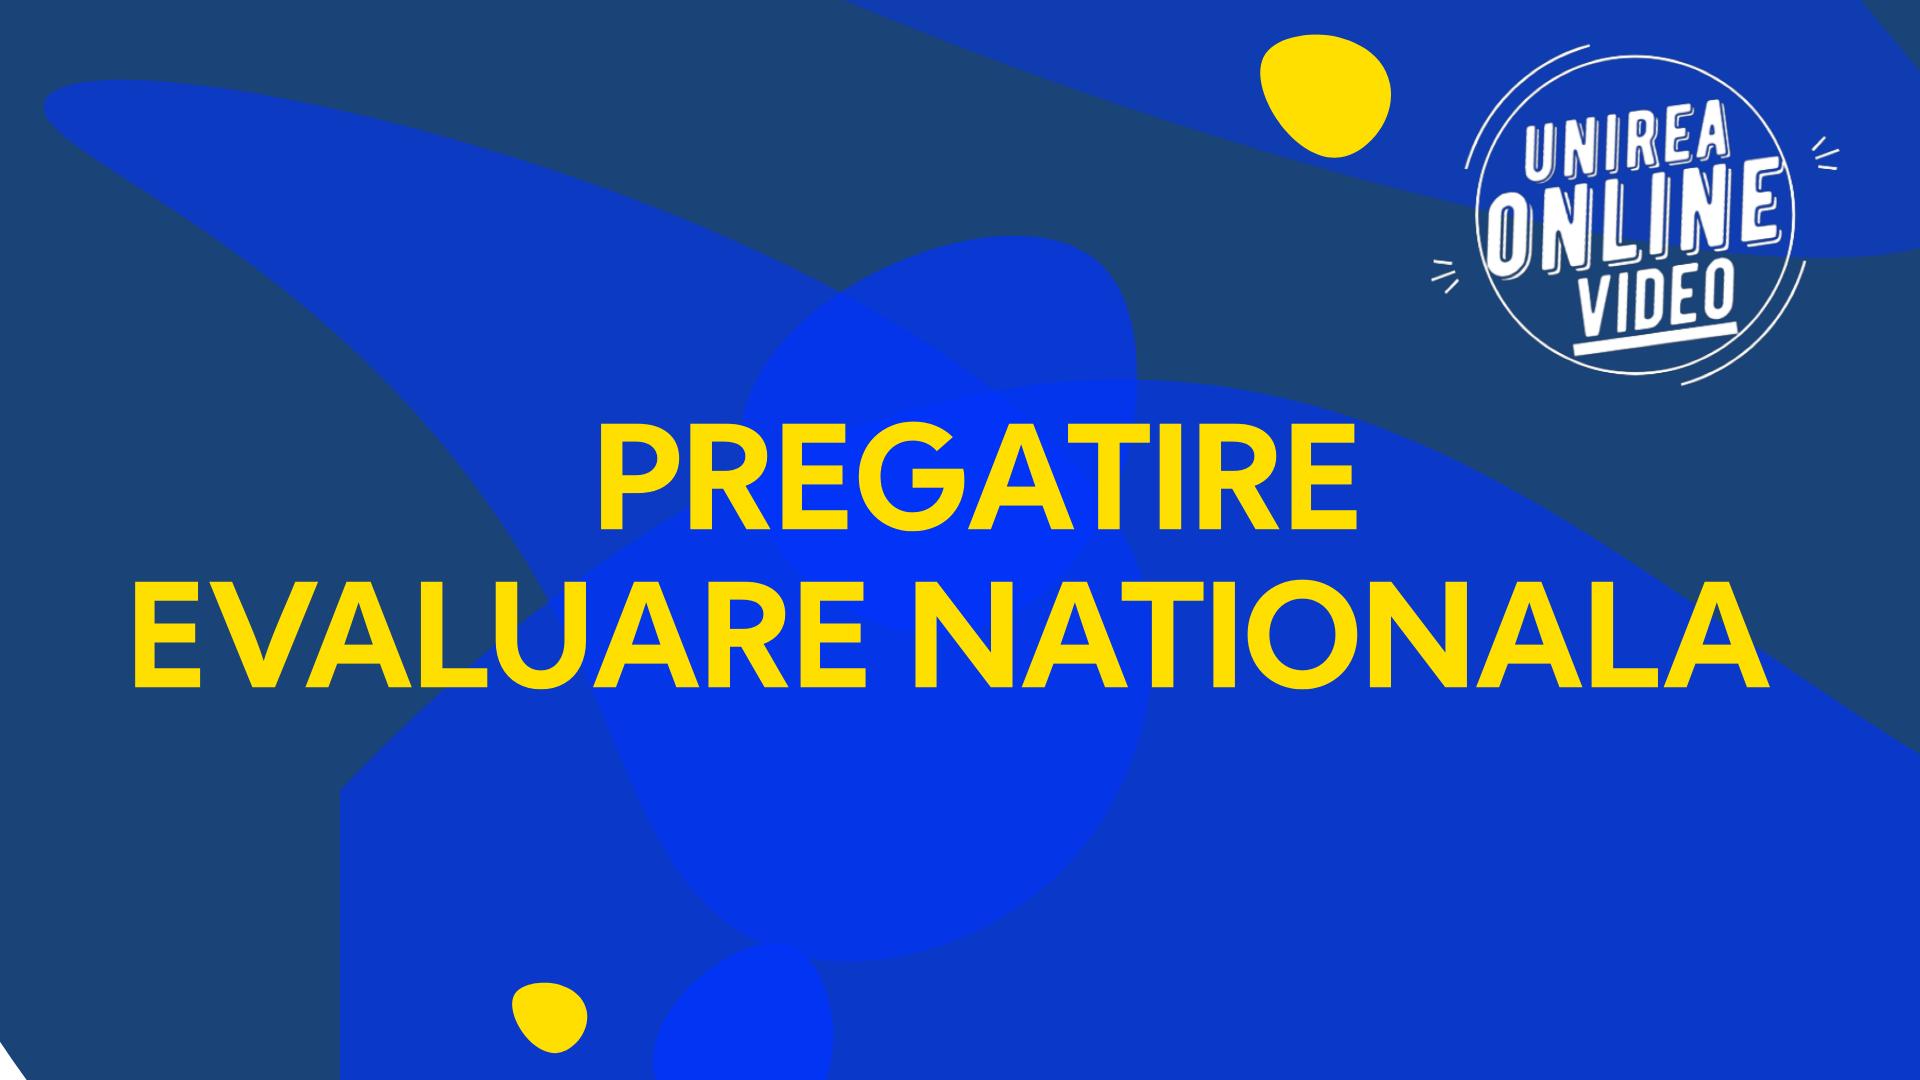 Pregatire EVALUARE NATIONALA